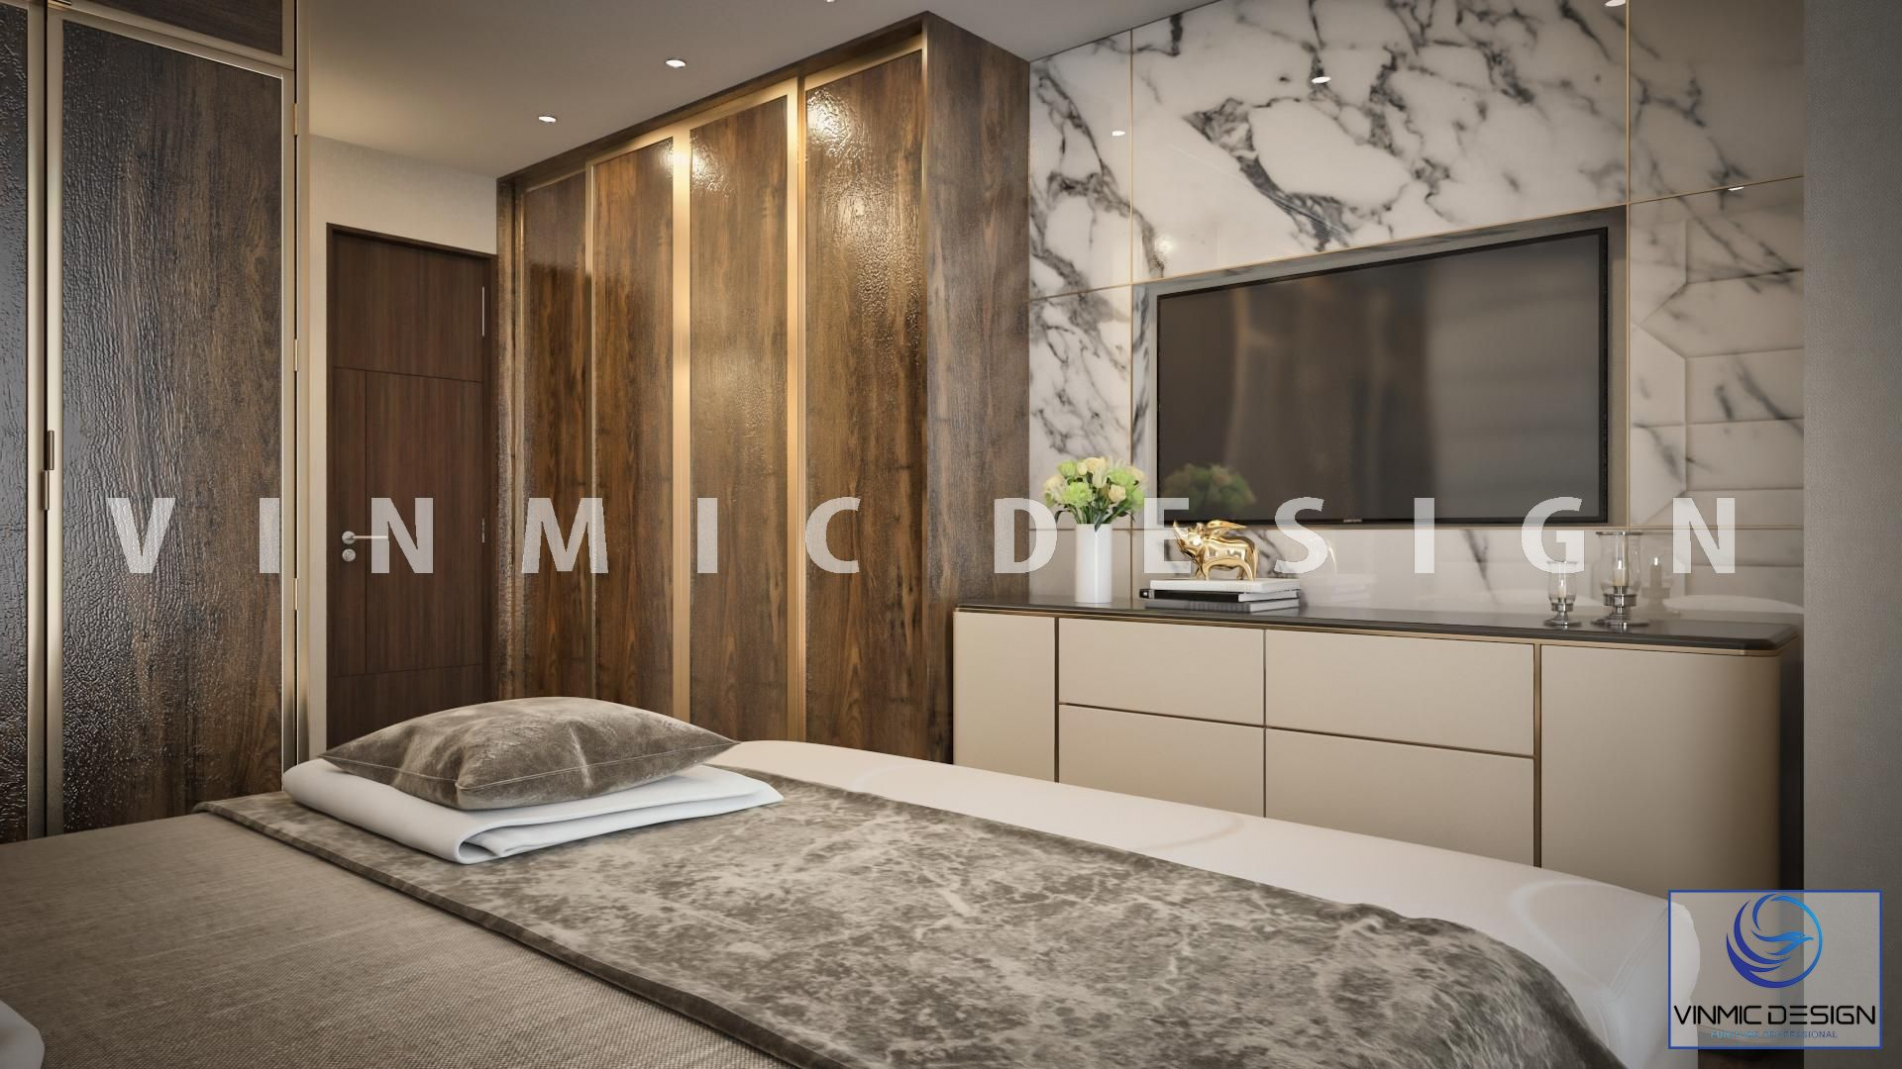 Thiết kế kệ tivi cho căn phòng ngủ có diện tích nhỏ nhưng vẫn toát lên vẻ đặc biệt khi kết hợp với tủ quần áo bằng gỗ công nghiệp bề mặt sáng bóng